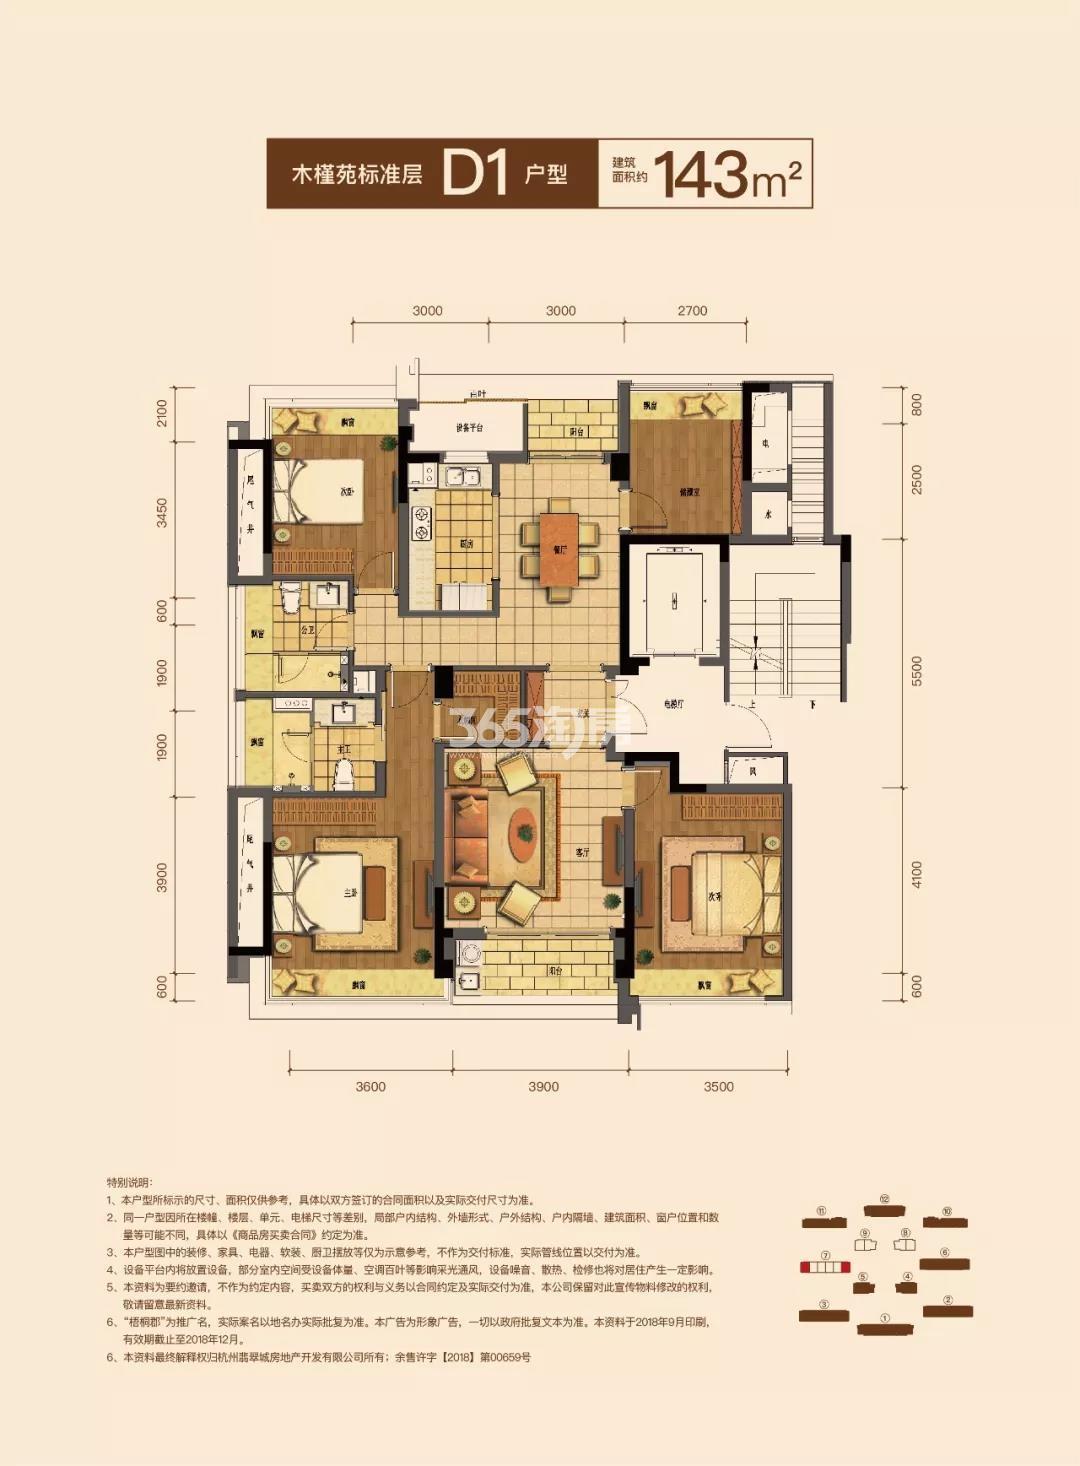 梧桐郡三期7号楼D1户型143方户型图